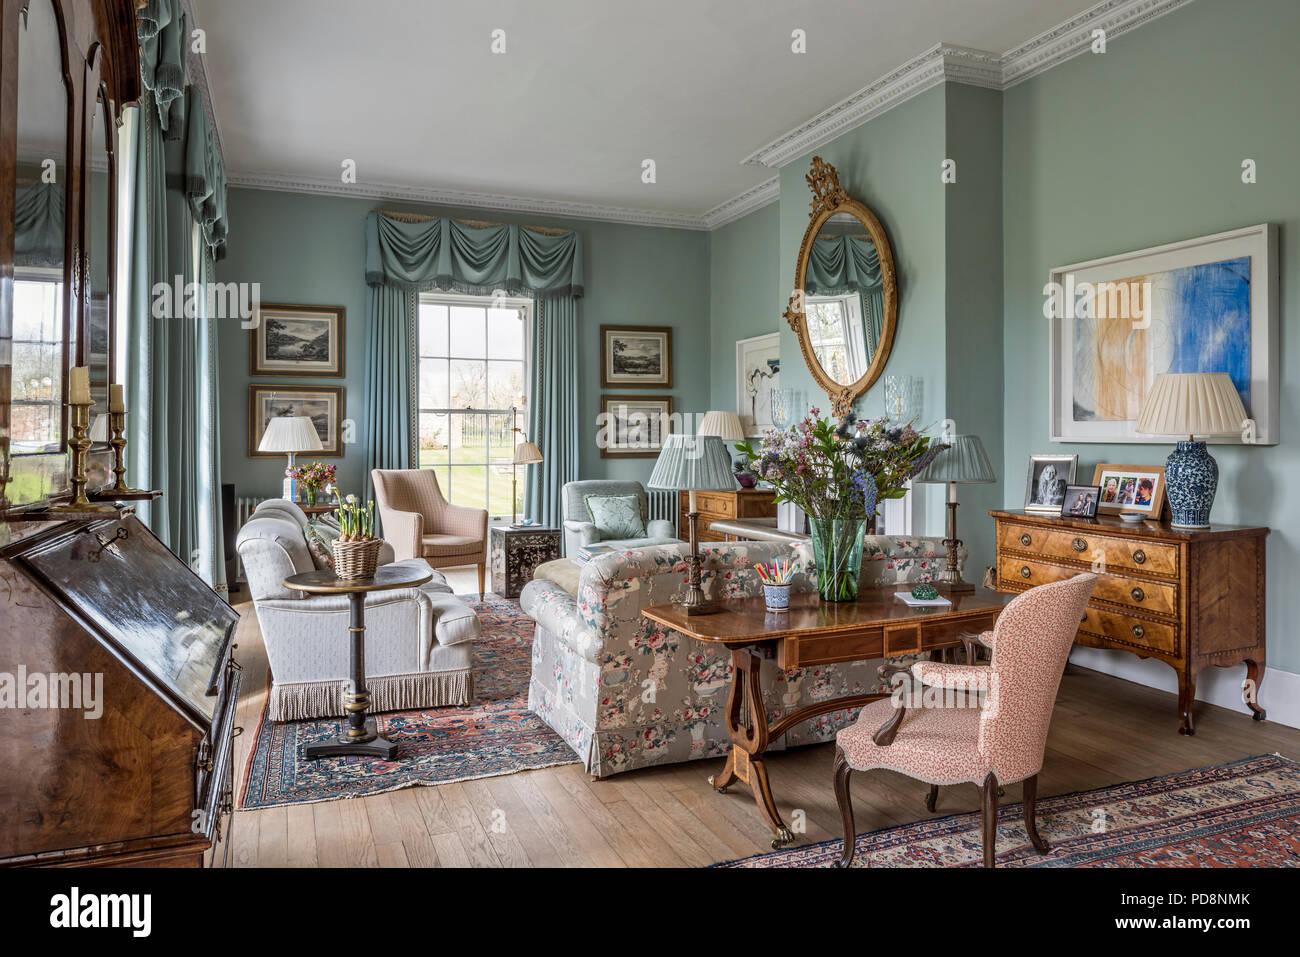 grand miroir ovale au-dessus de cheminée en vert clair salon avec